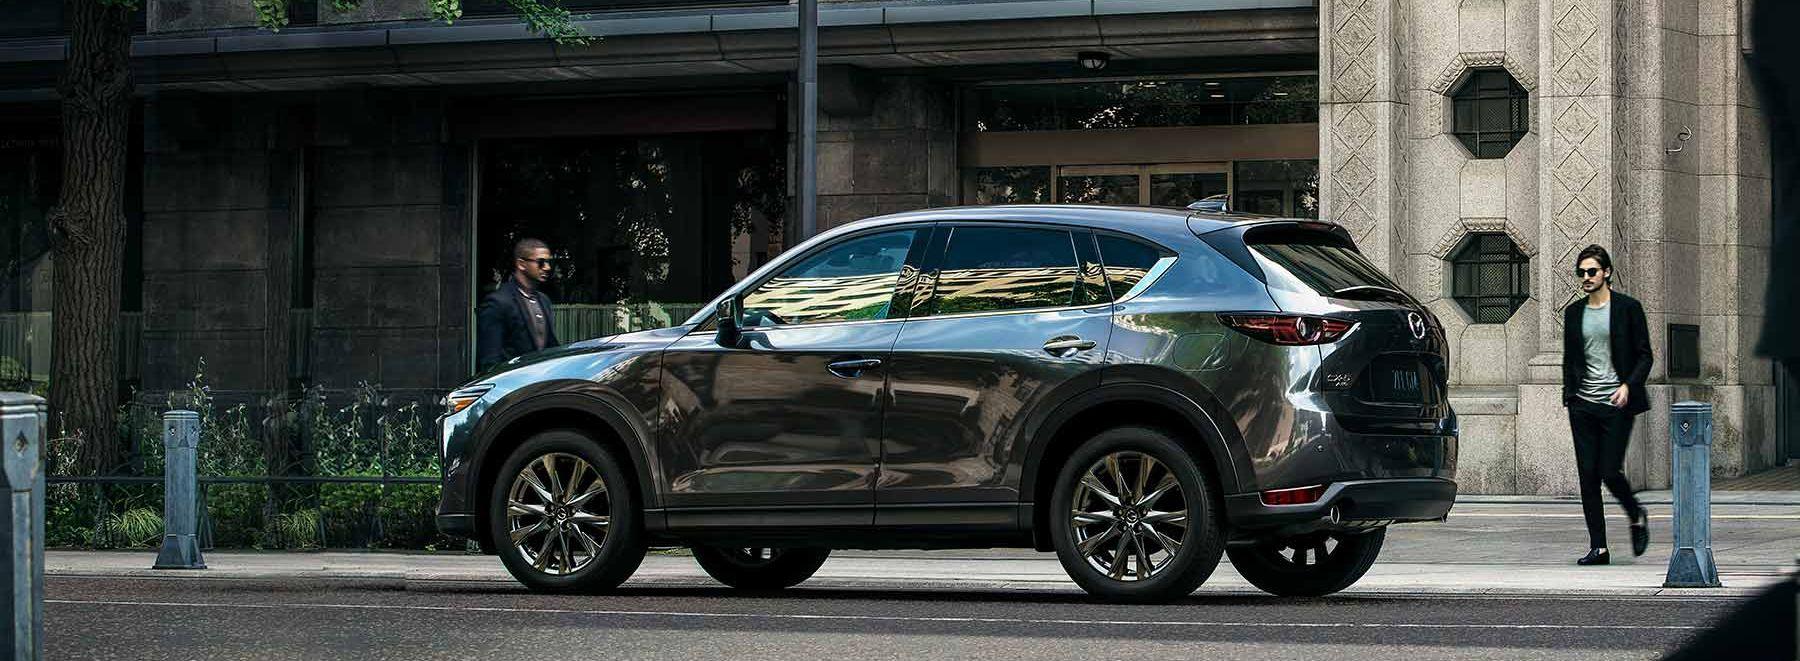 2019 Mazda CX-5 Financing near Valley Stream, NY